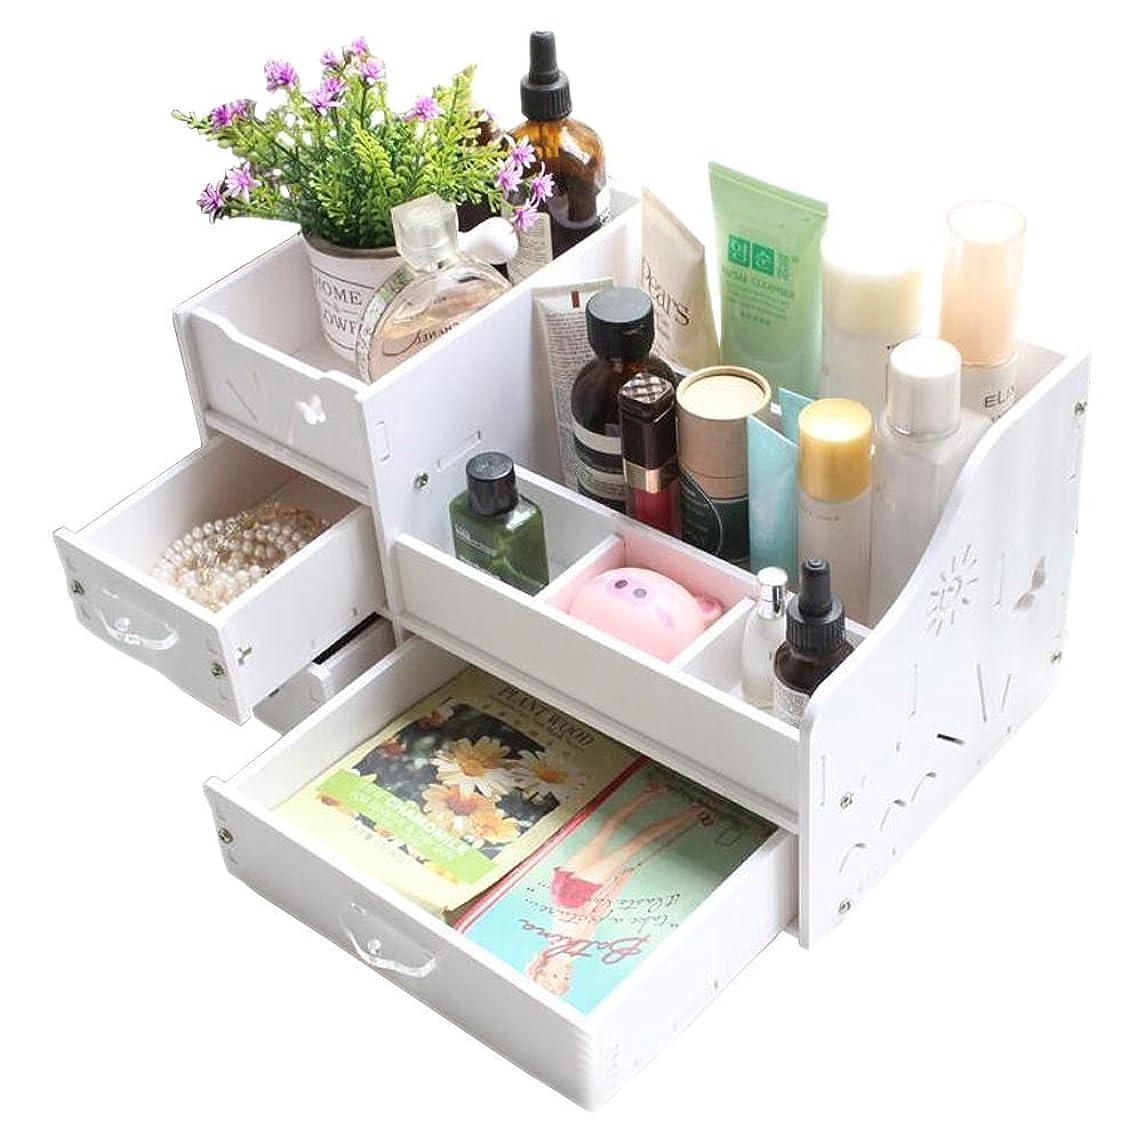 多分ペインティング摩擦INANA 収納ボックス メイクボックス コスメボックス ジュエリー ボックス アクセサリー ケース 収納 雑貨 小物入れ 化粧道具入れ 化粧品収納 便利 (ホワイト)